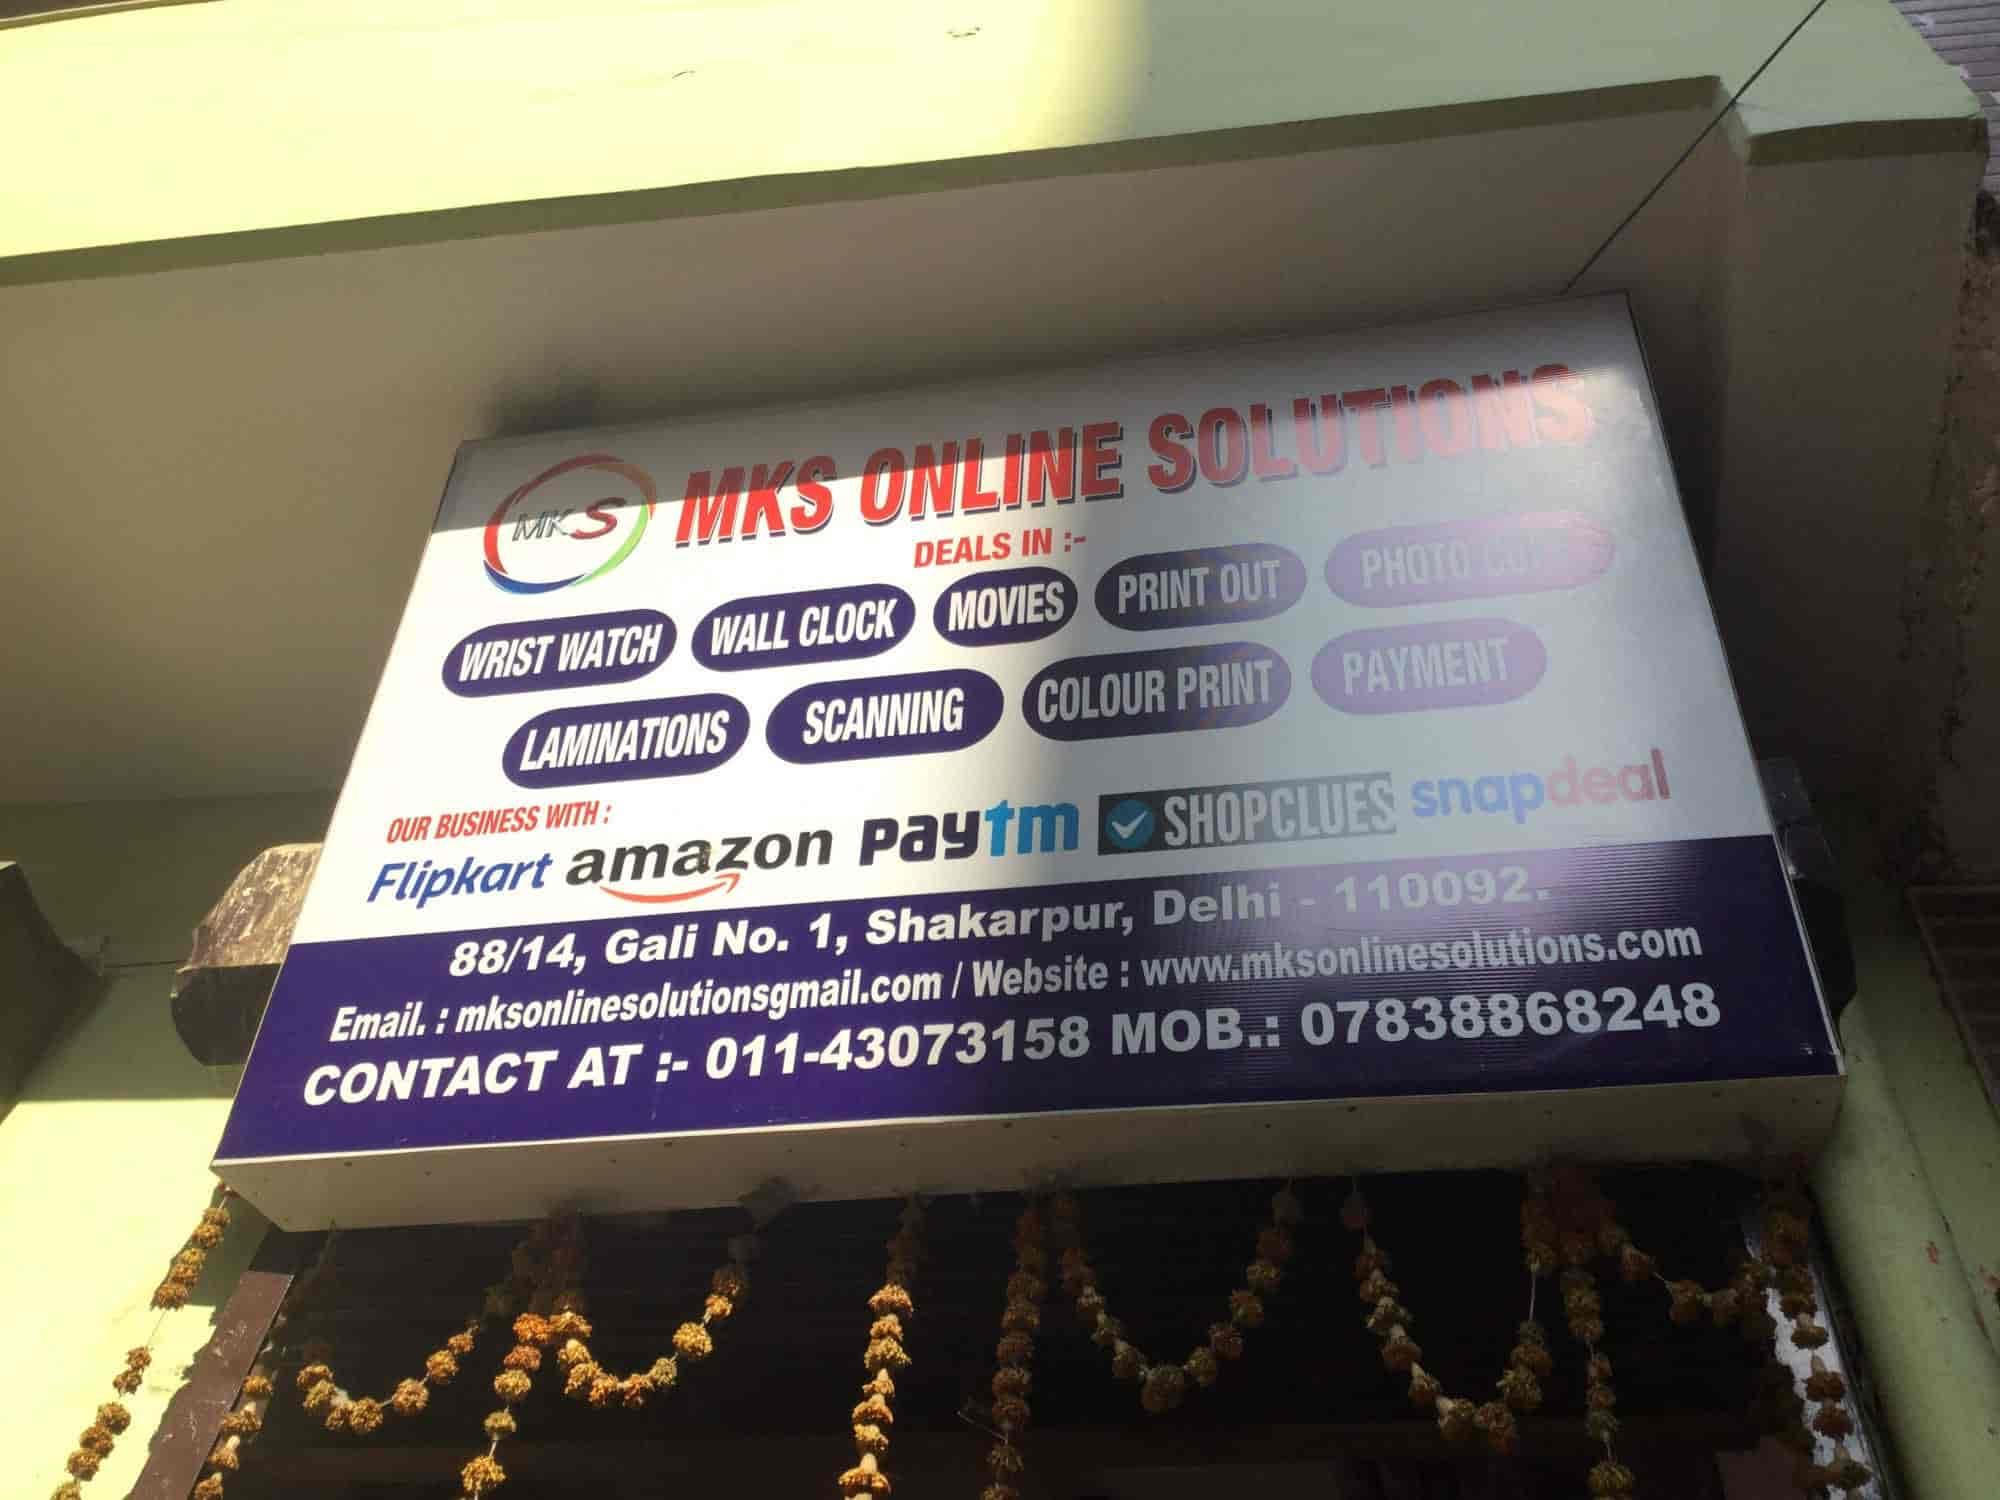 MKS Online Solution, Shakarpur - Online Shopping Websites in Delhi